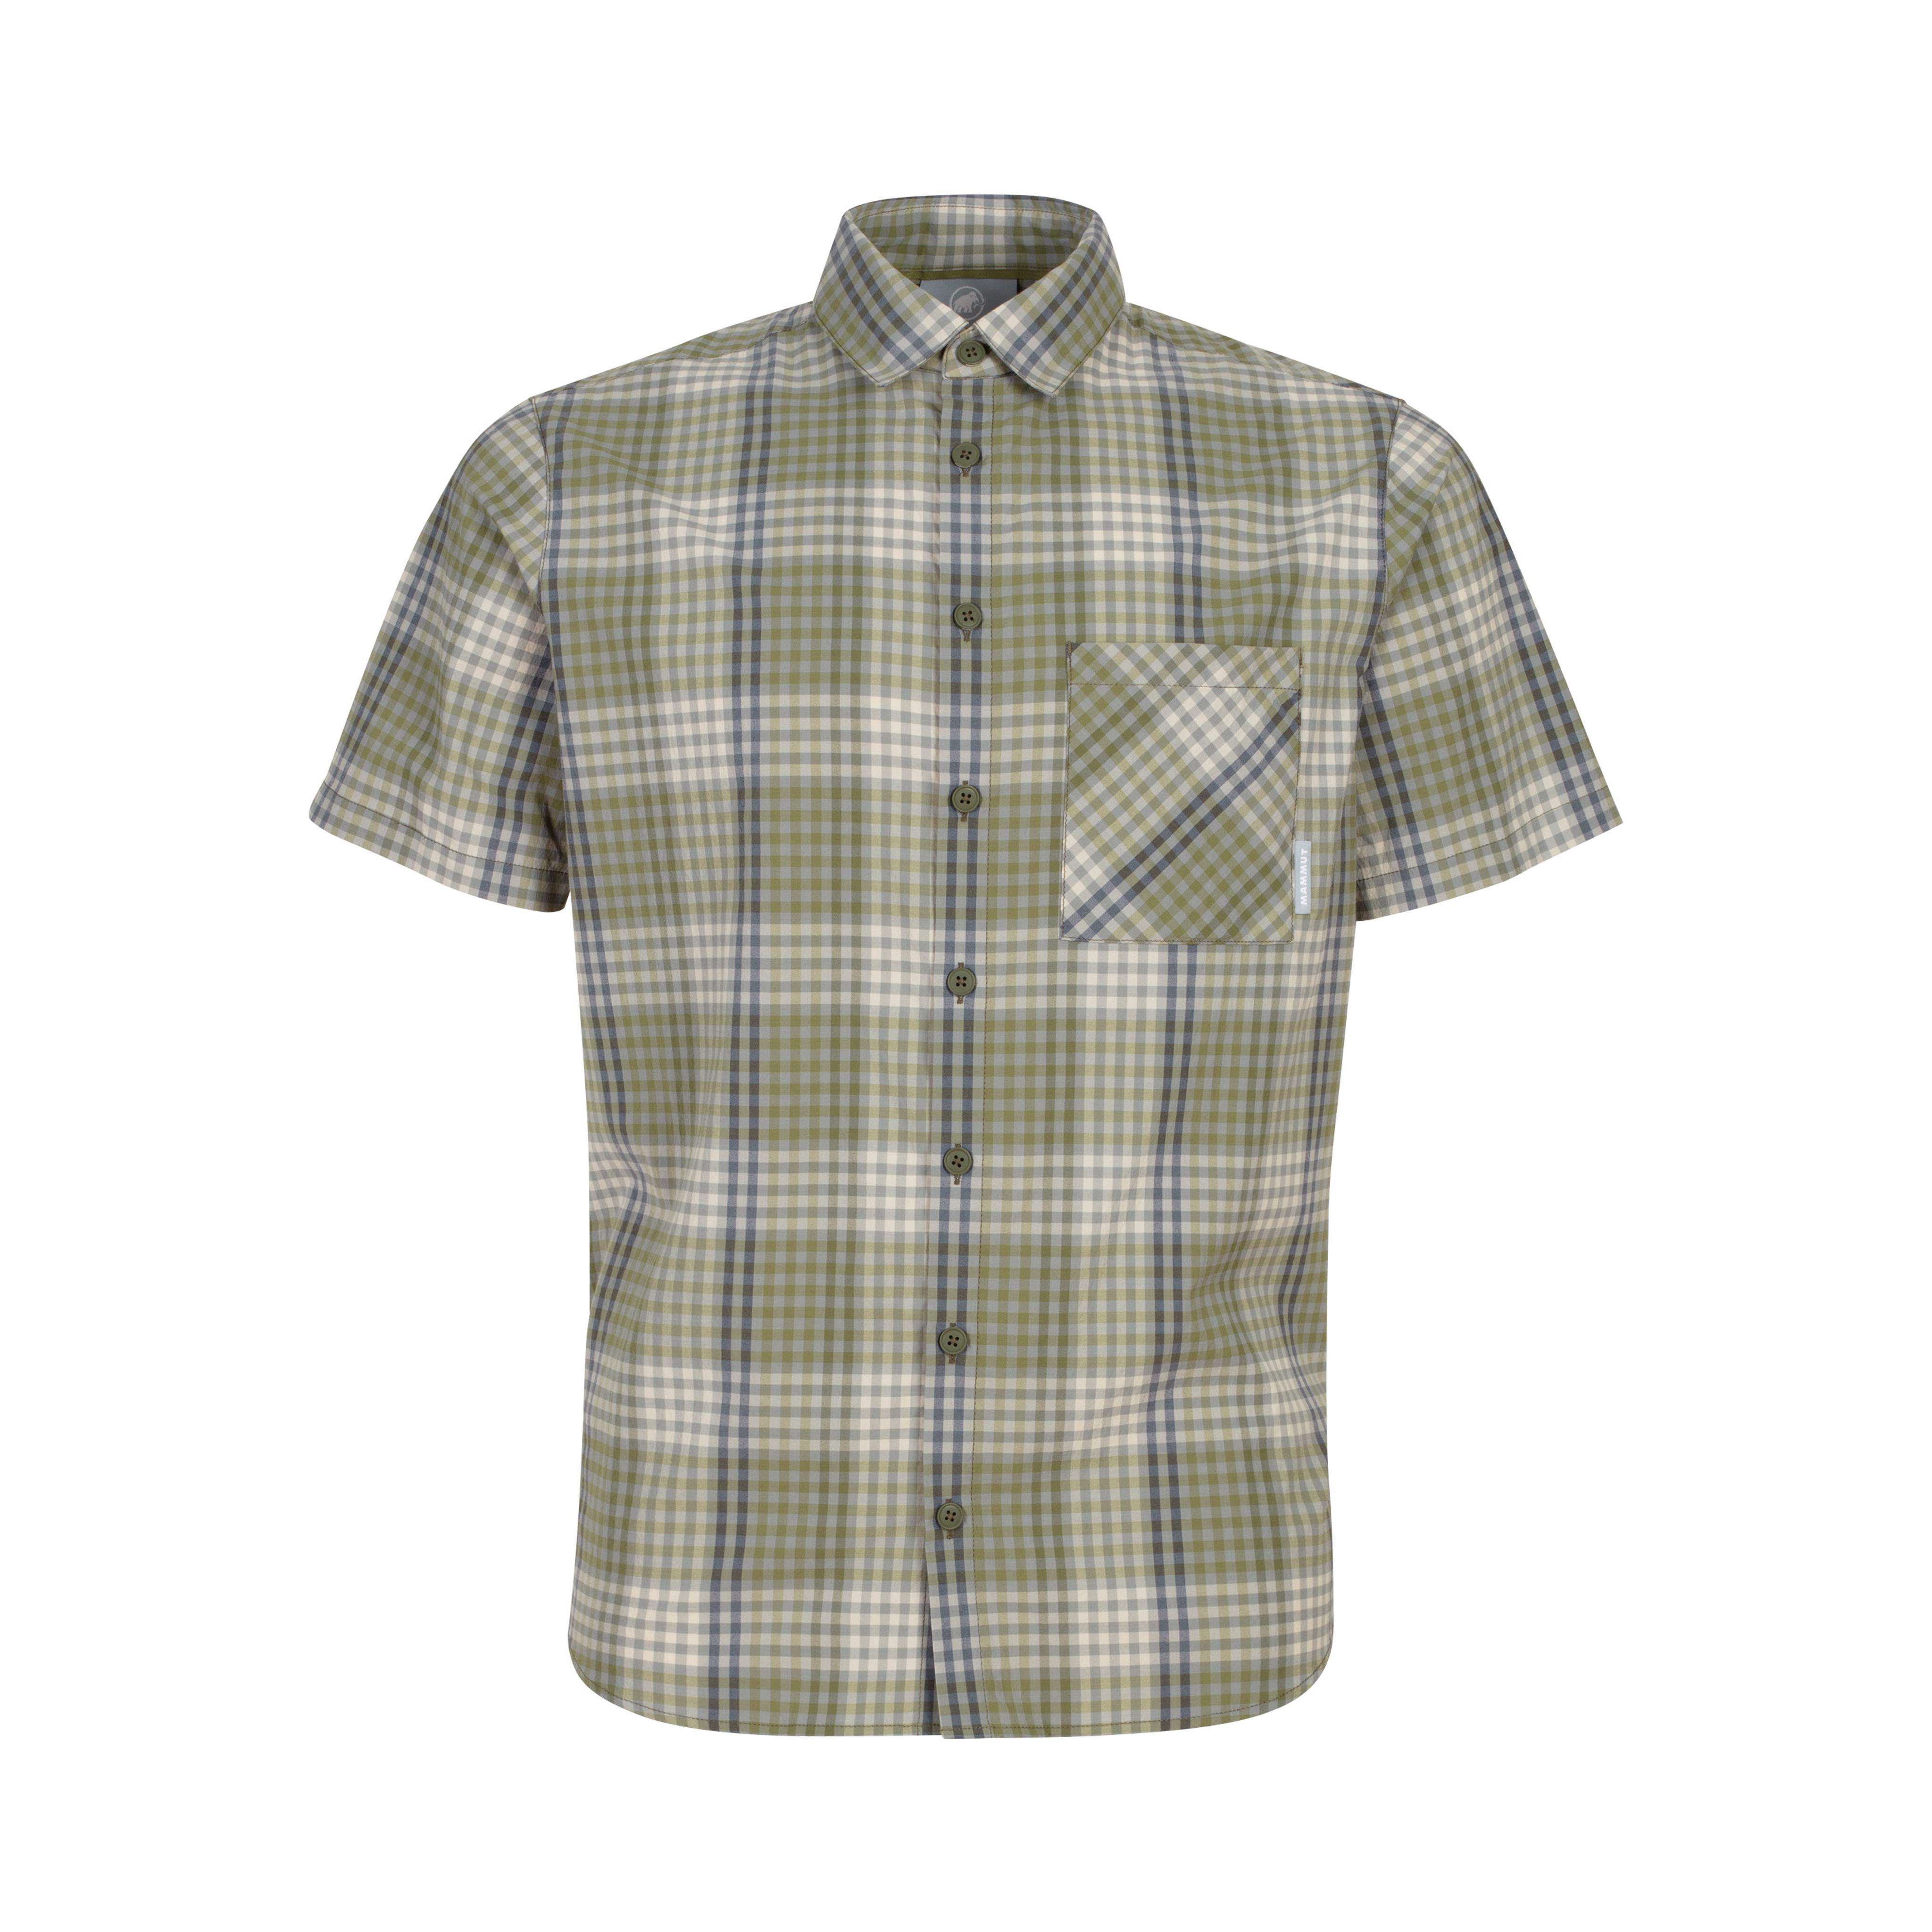 Calanca Shirt Men - iguana-moonbeam, S thumbnail